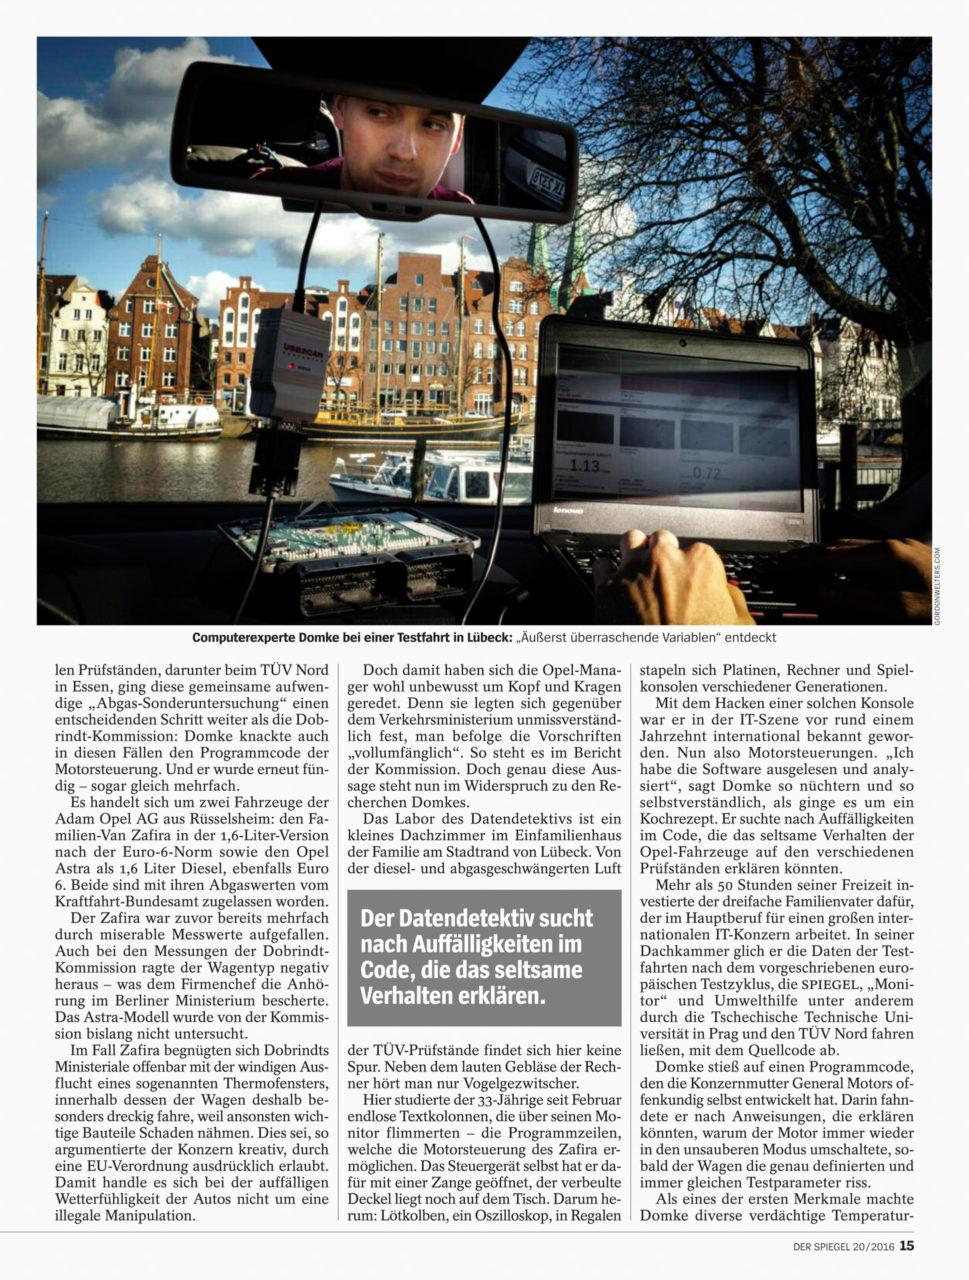 Der spiegel gordon welters fotograf deutschland for Der spiegel impressum